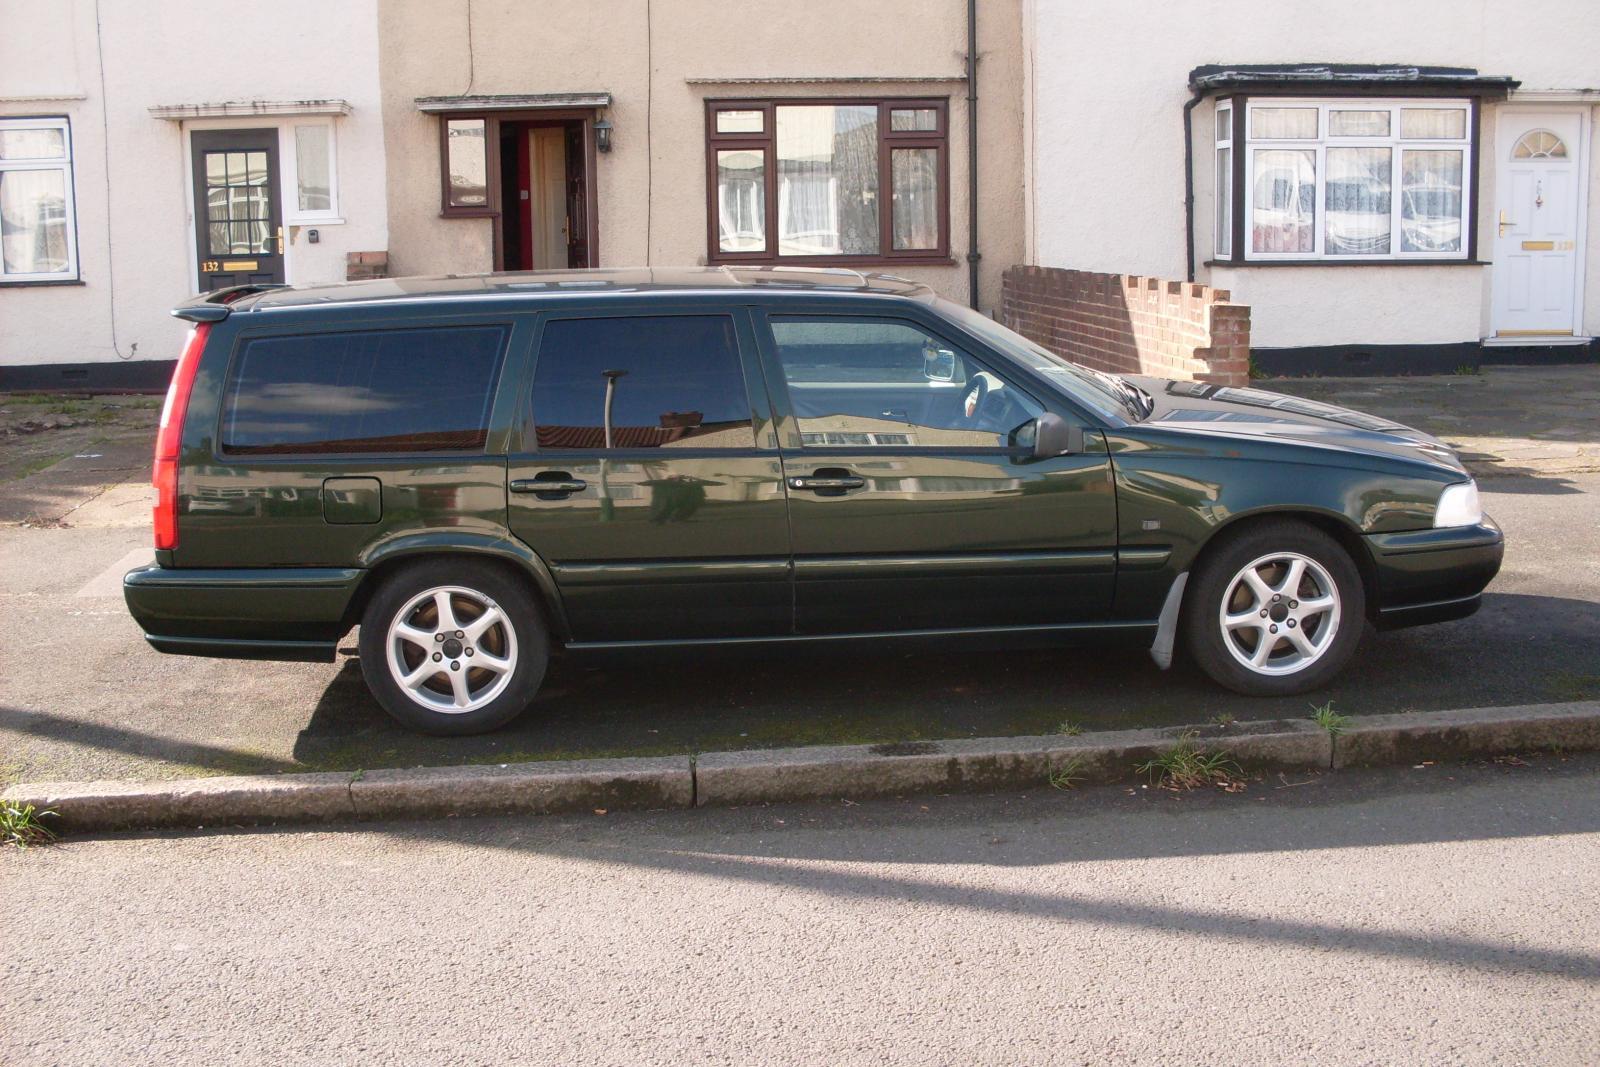 Green Volvo.JPG